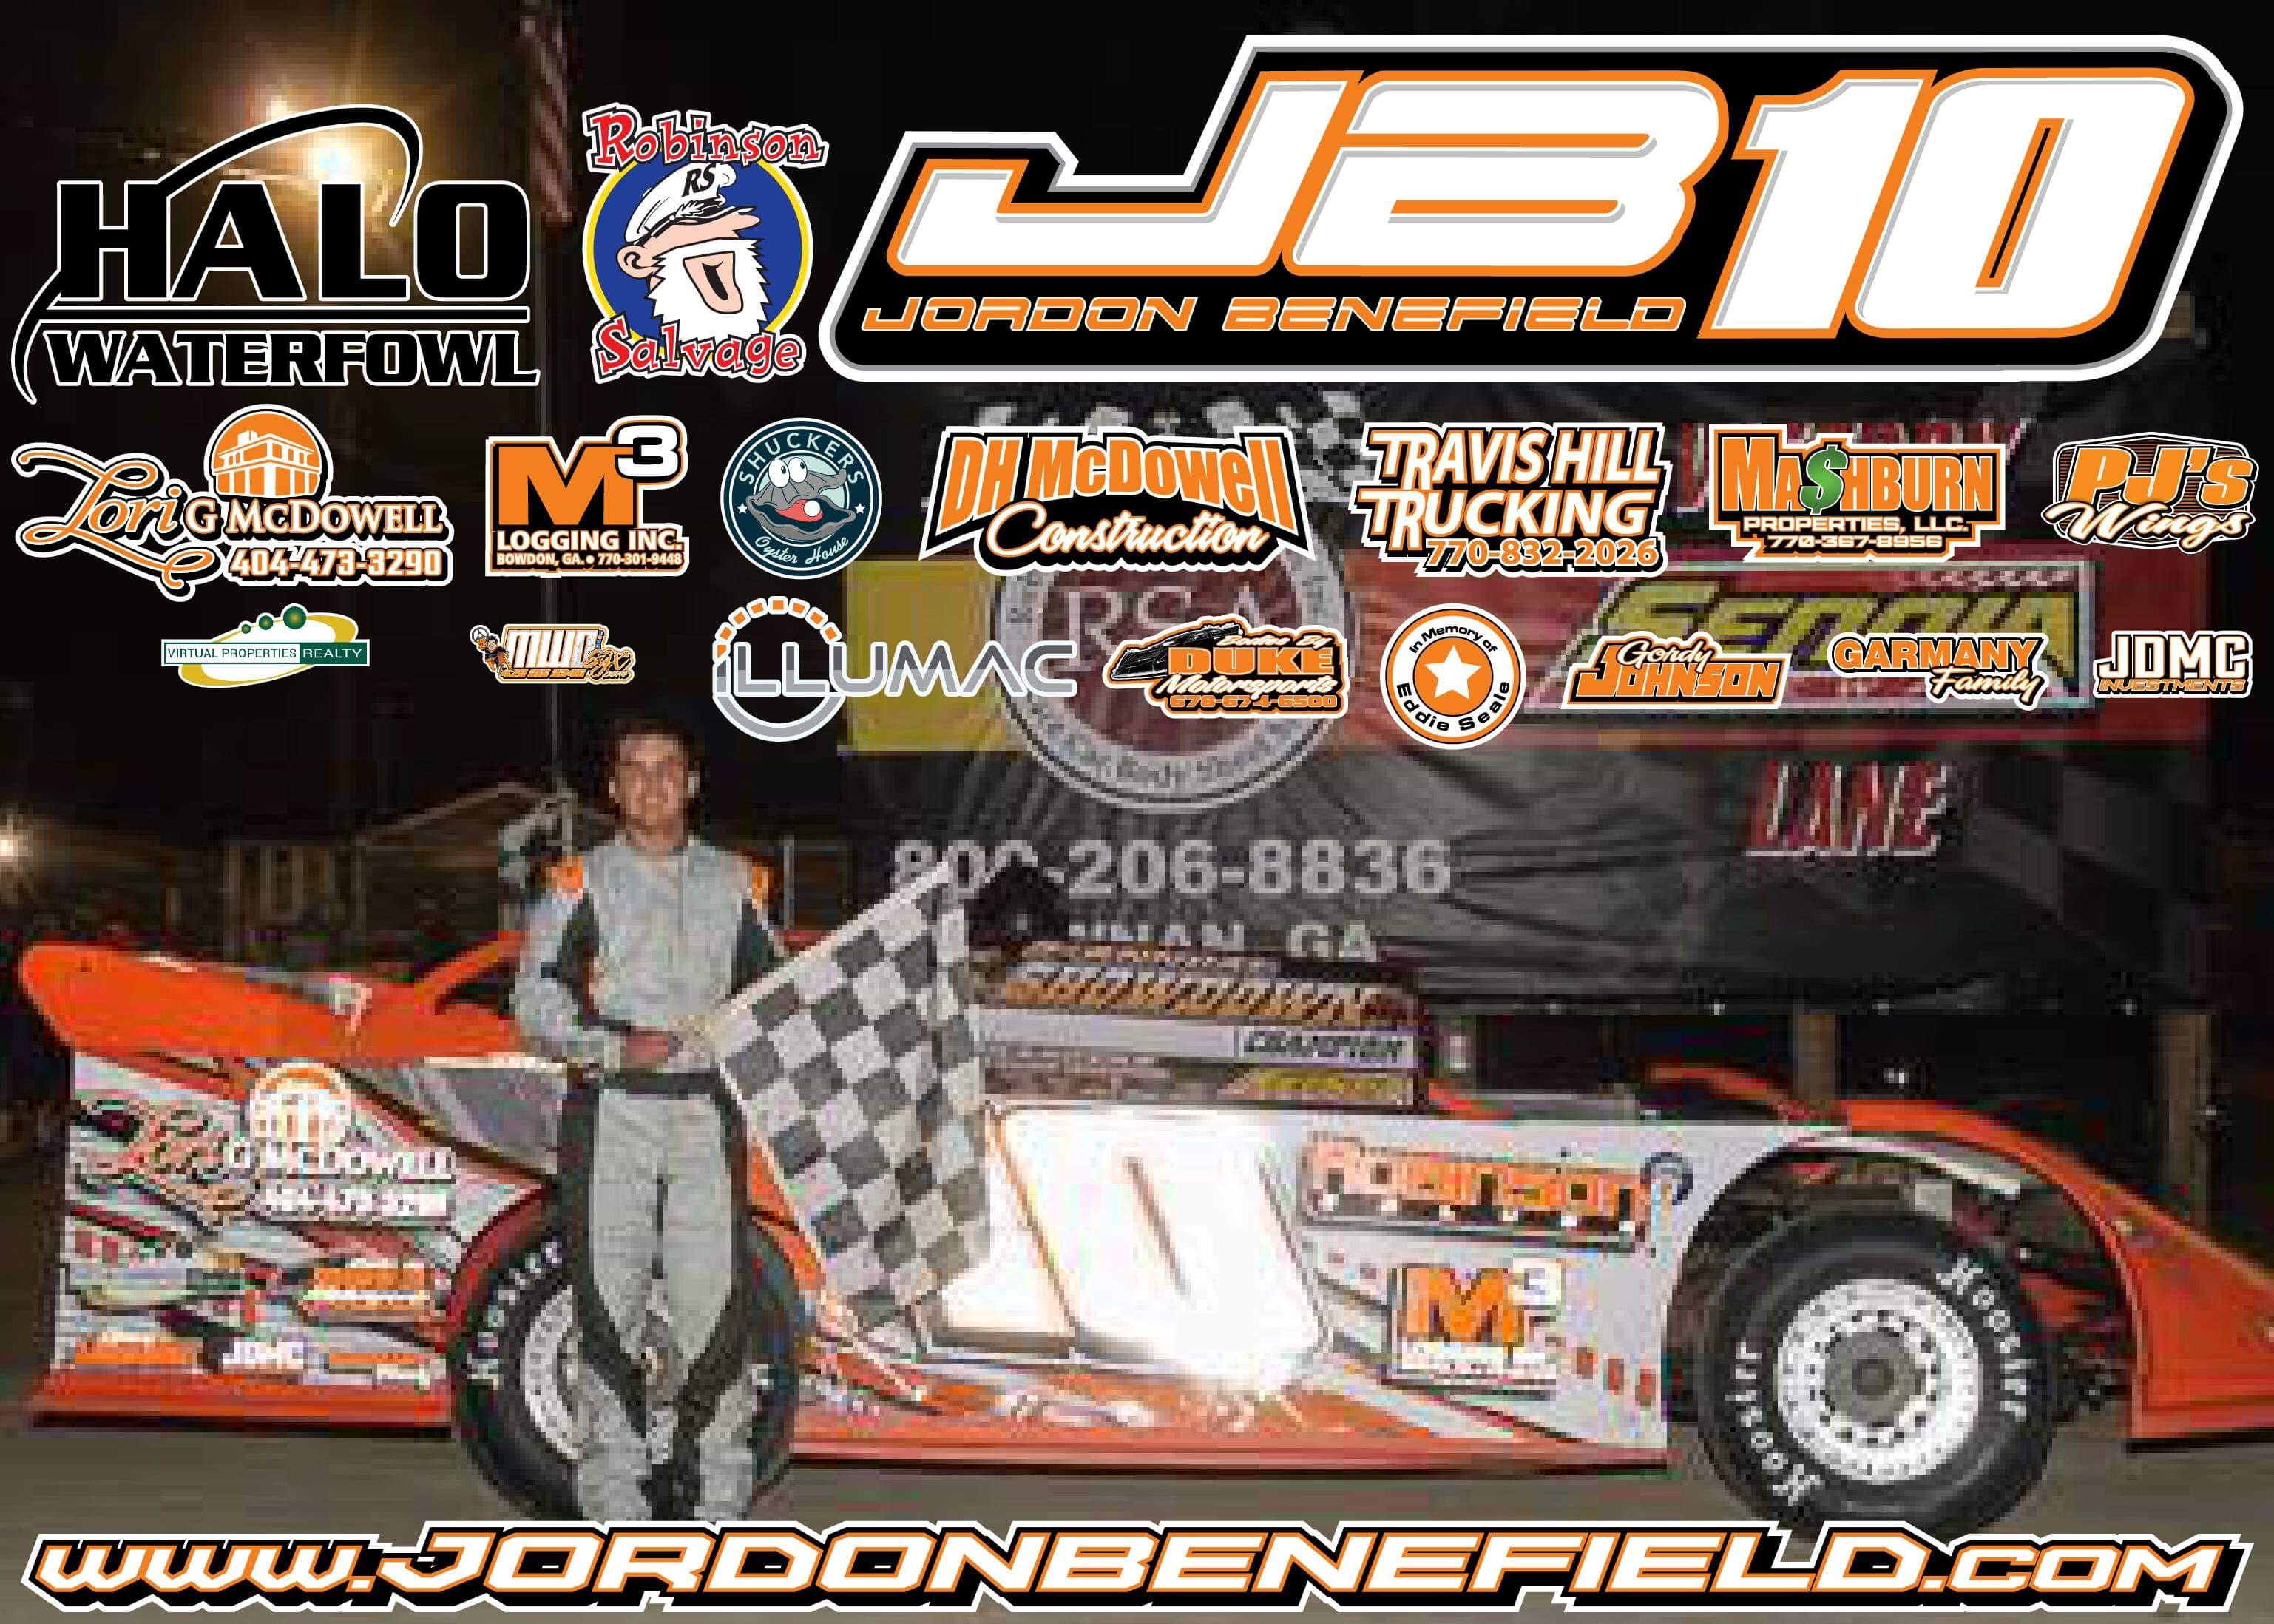 Jordon Benefield